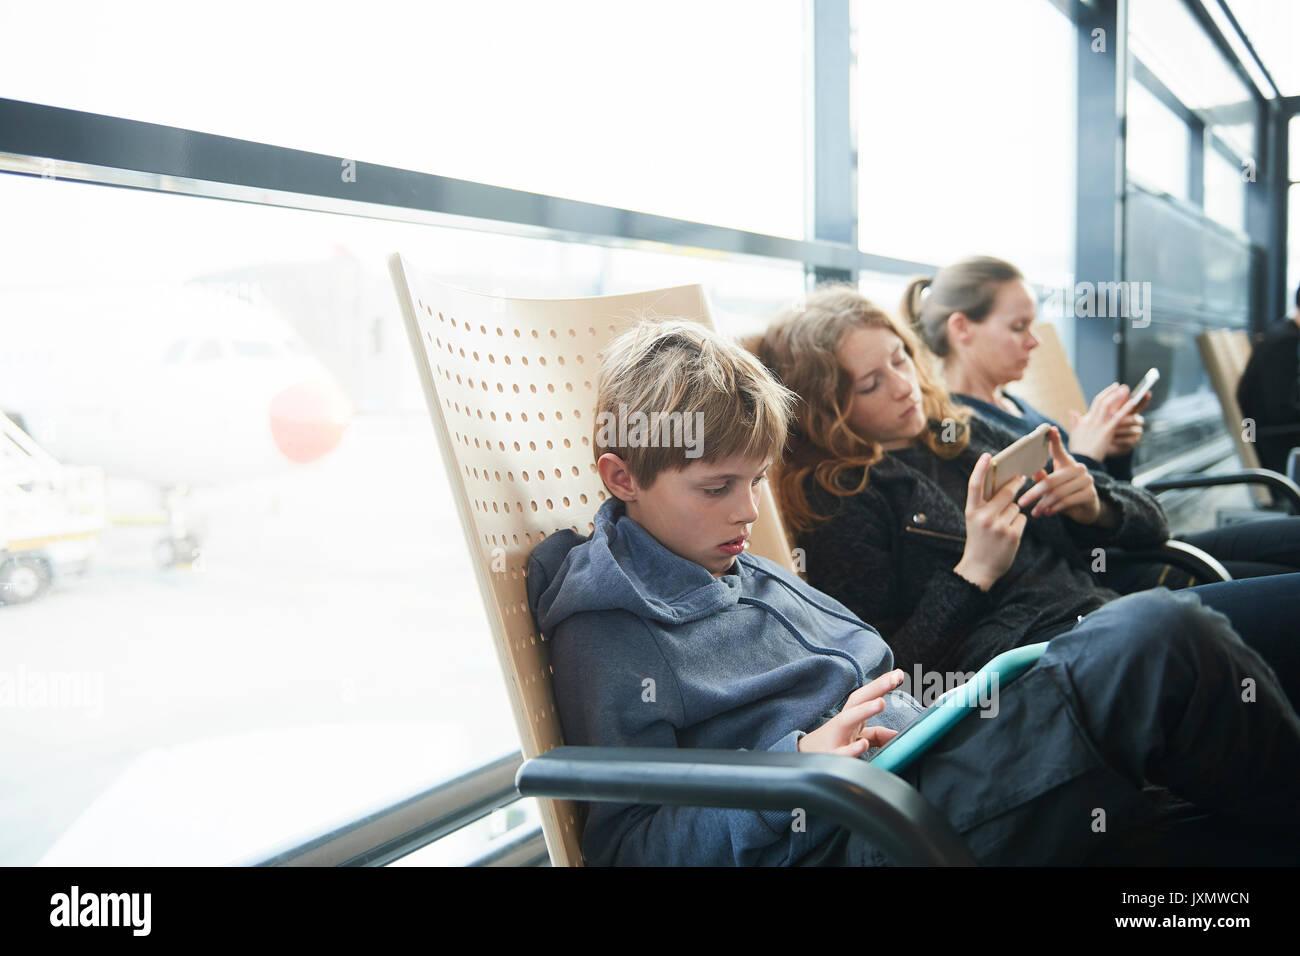 Familie am Flughafen auf dem Weg in den Urlaub, Kopenhagen, Dänemark Stockfoto